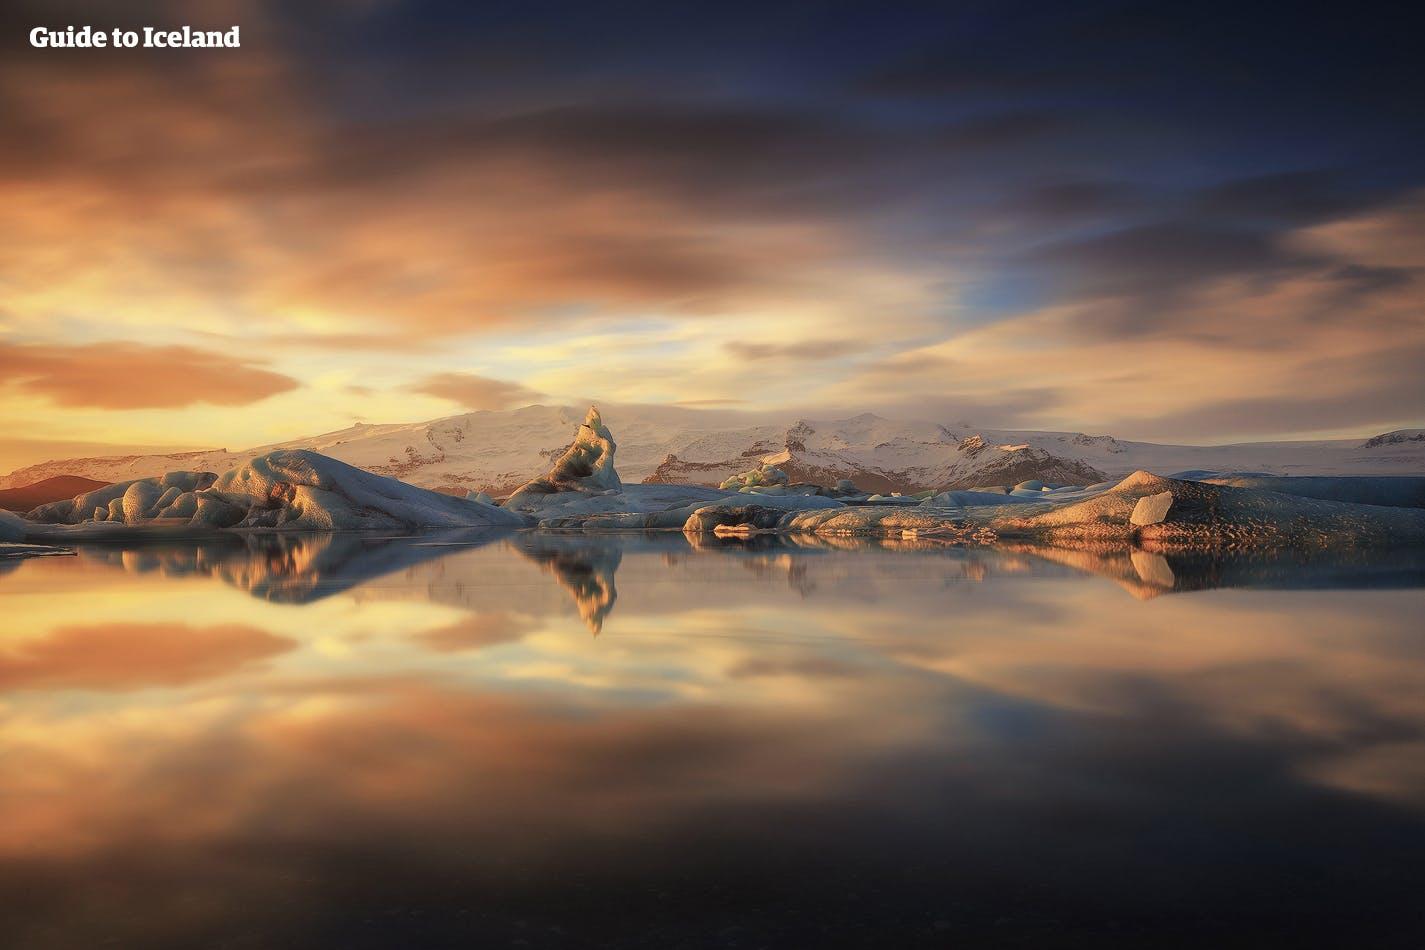 La laguna glaciar Jökulsárlón seguramente será uno de los lugares más memorables durante tu aventura de 8 días.